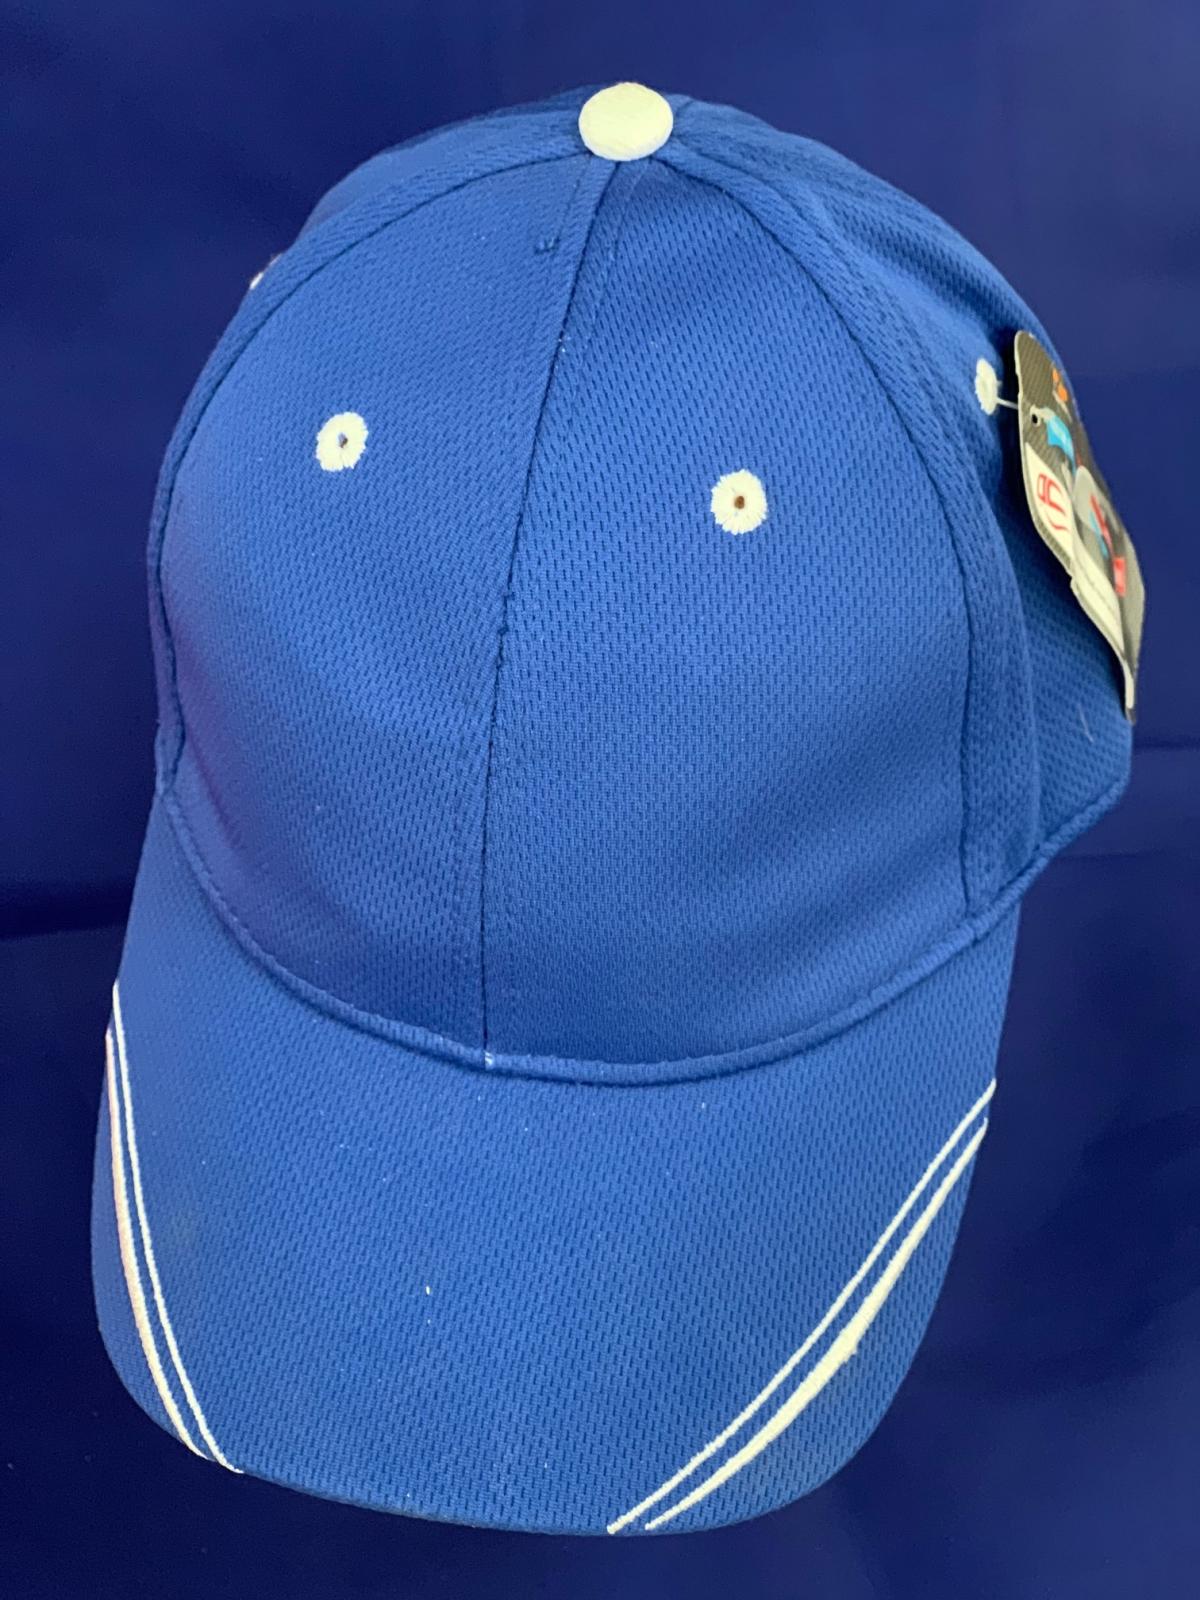 Голубая перфорированная бейсболка с белыми полосками на козырьке